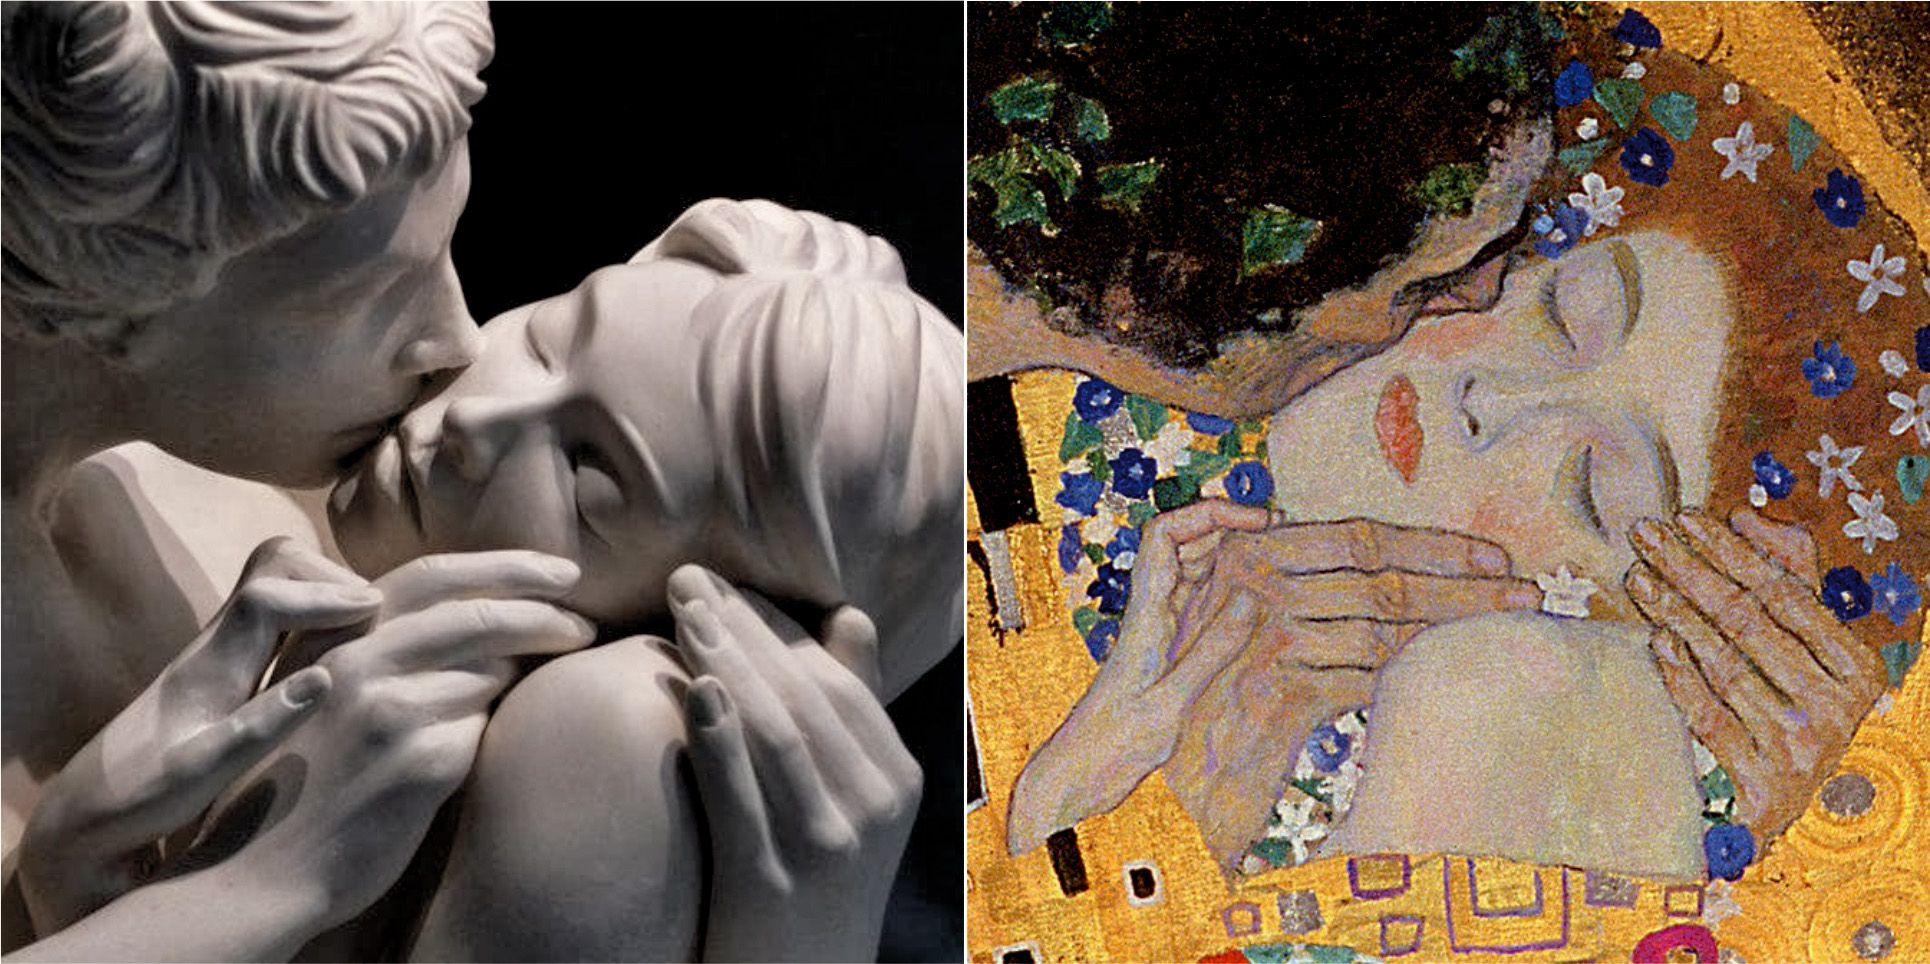 El beso de Yves Pires (izq.) - El beso de Klimt. (detalles). Adoro ...